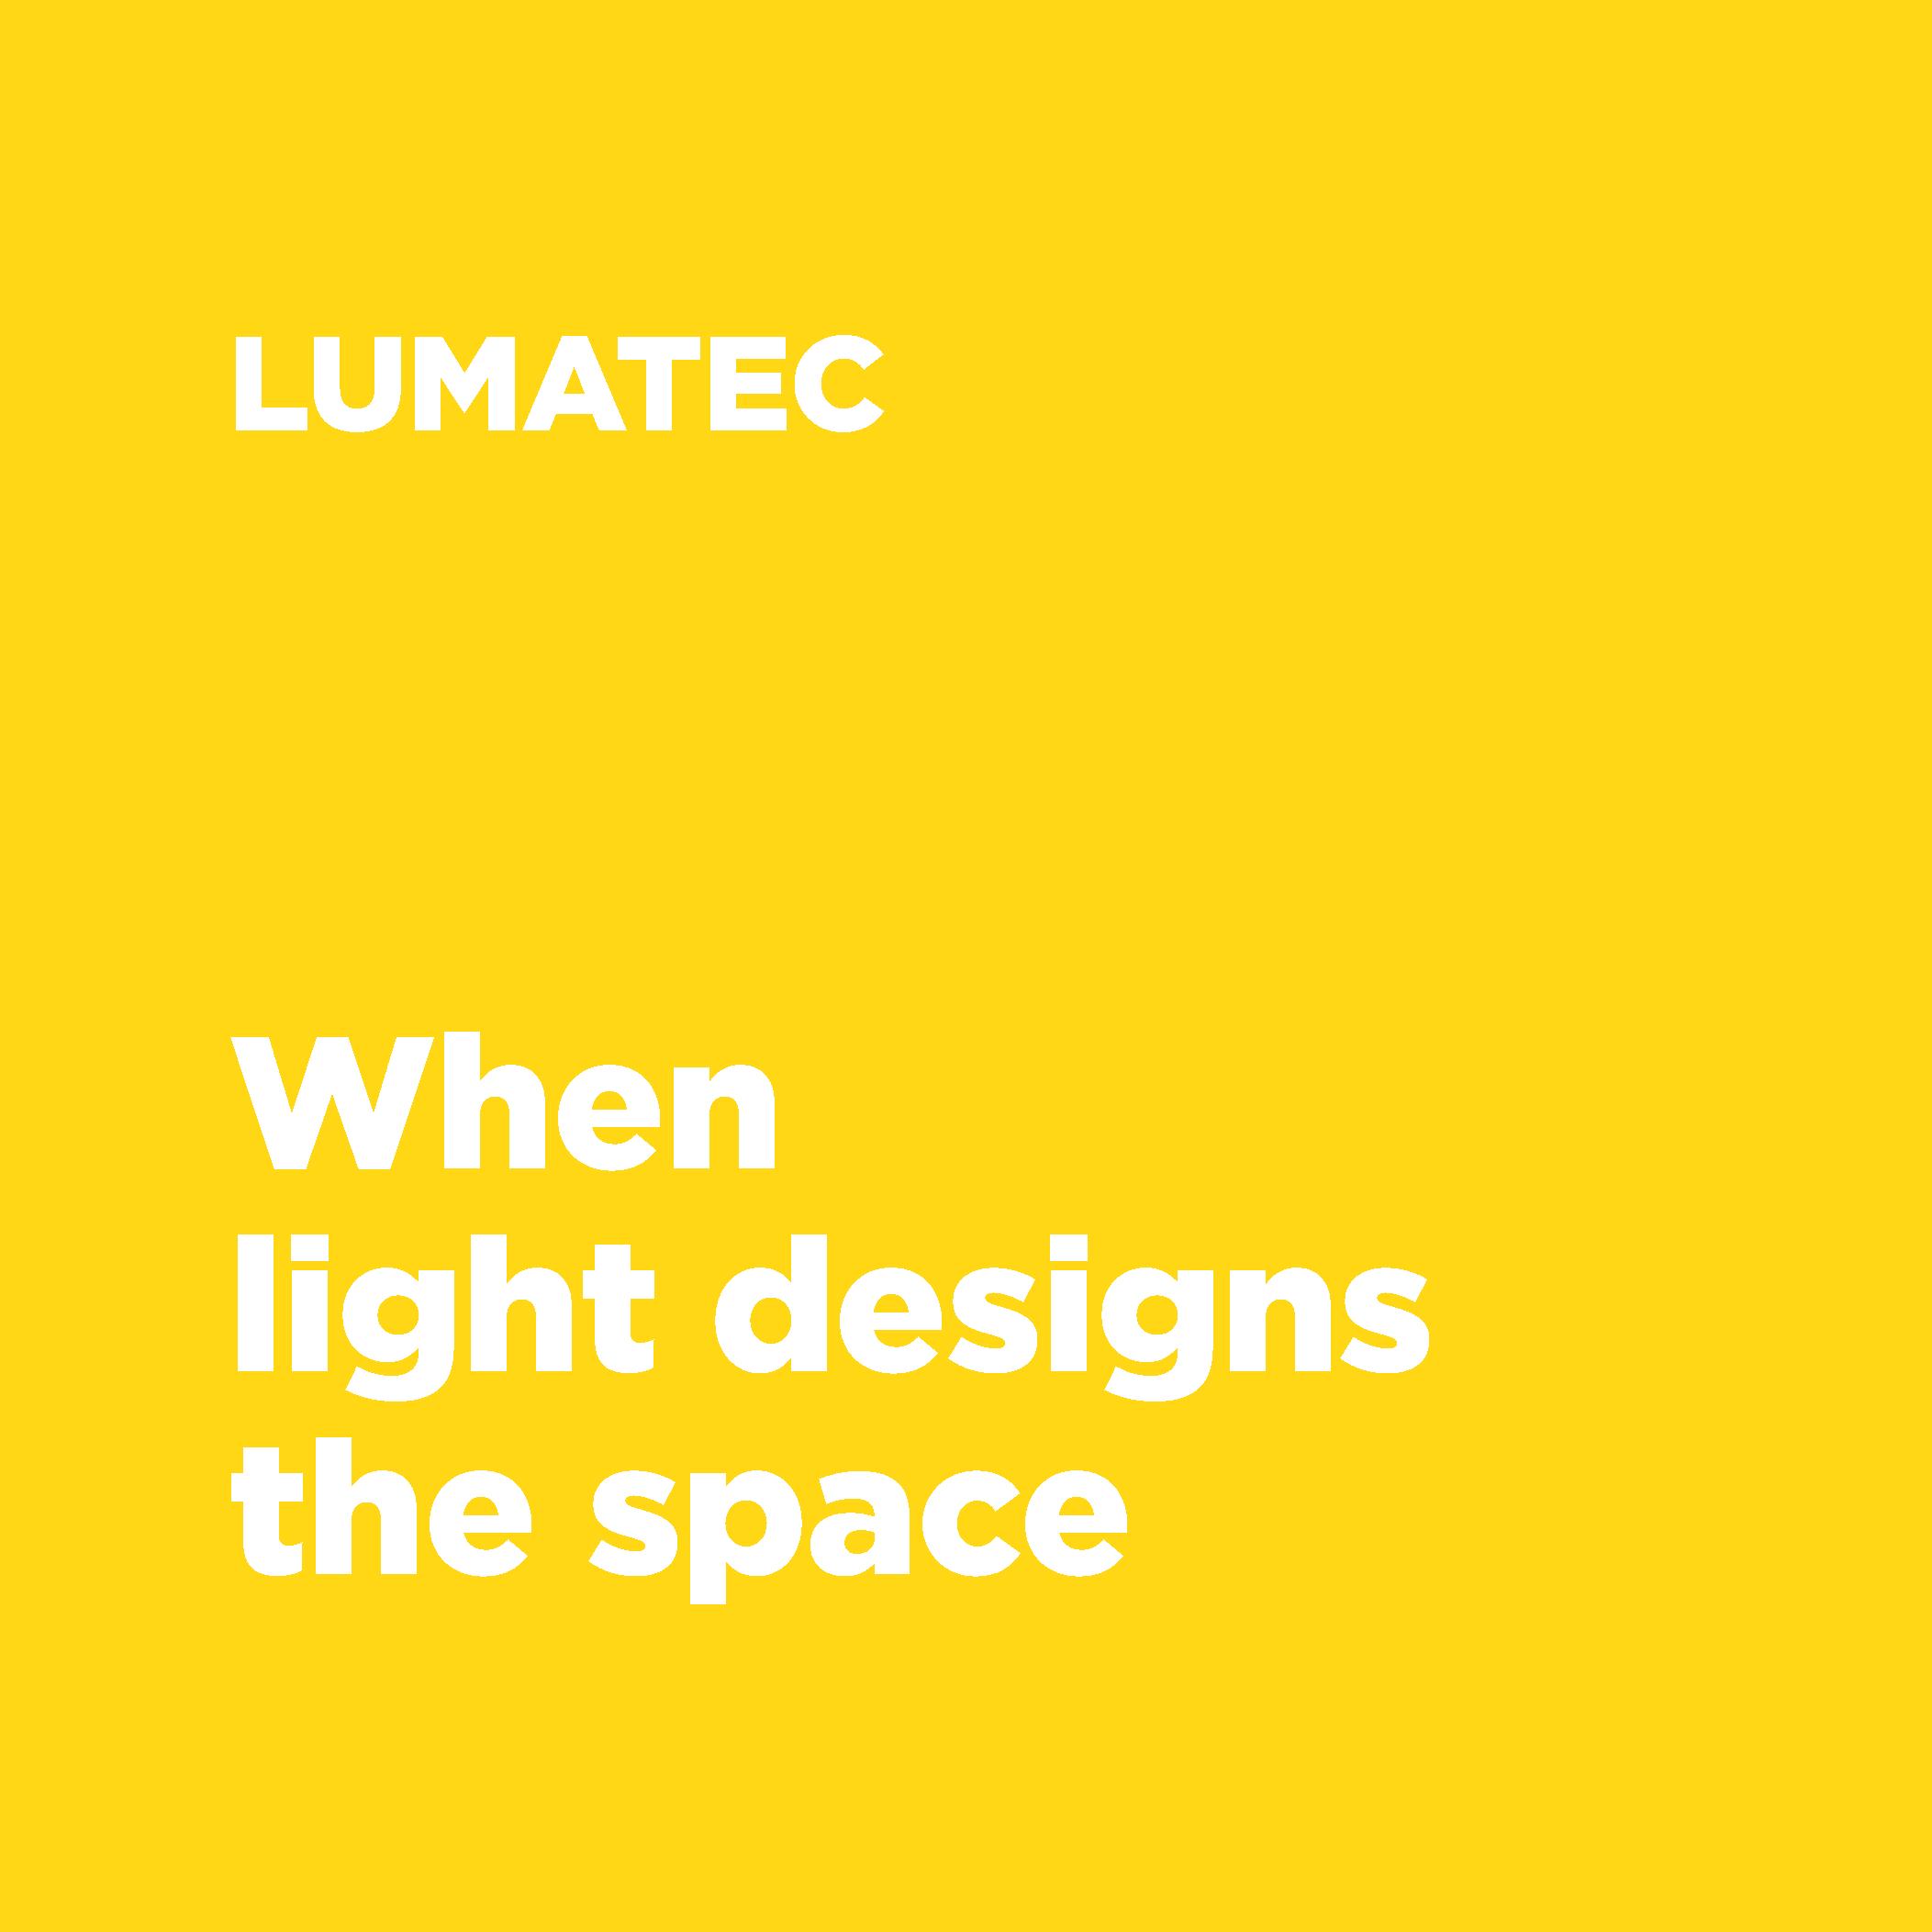 LIFTING LUMATEC VIKIU DESIGN